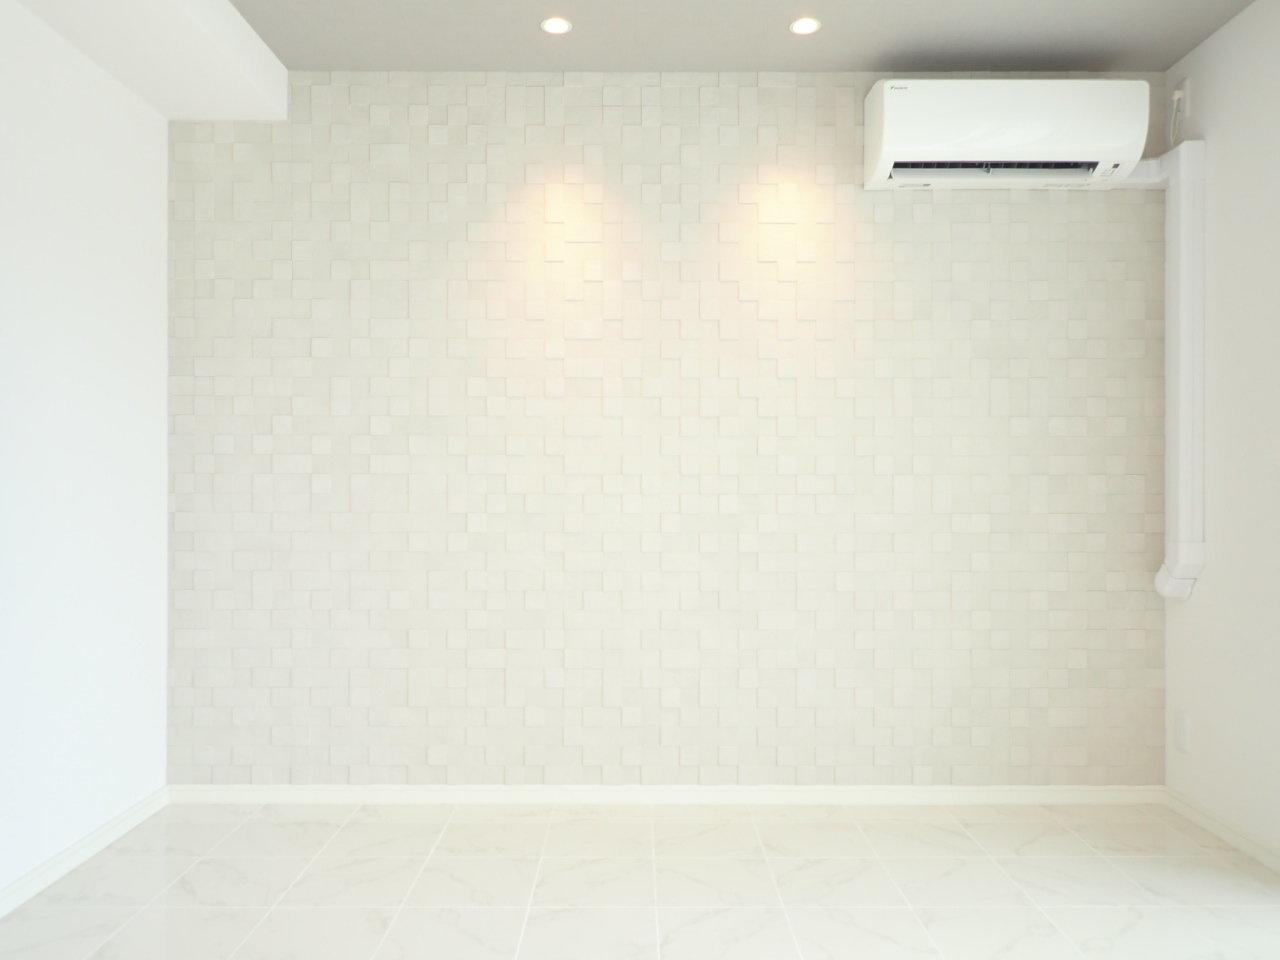 大阪梅田駅から徒歩7分。7.3畳でシンプルな間取りの1Kタイプの築浅物件です。